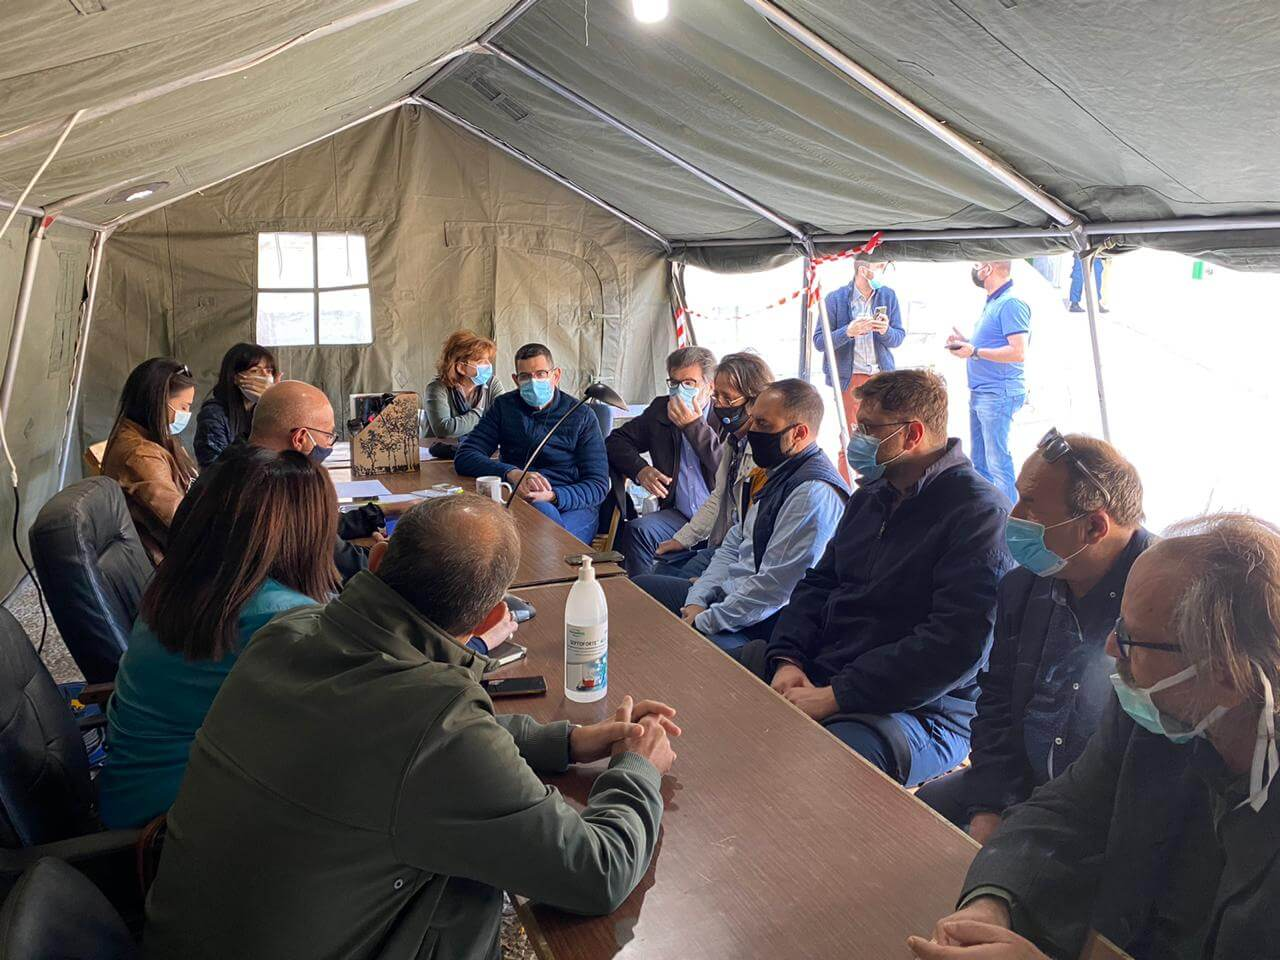 Σεισμός Σάμος: Επίσκεψη κλιμακίου του ΣΥΡΙΖΑ στις πληγείσες περιοχές